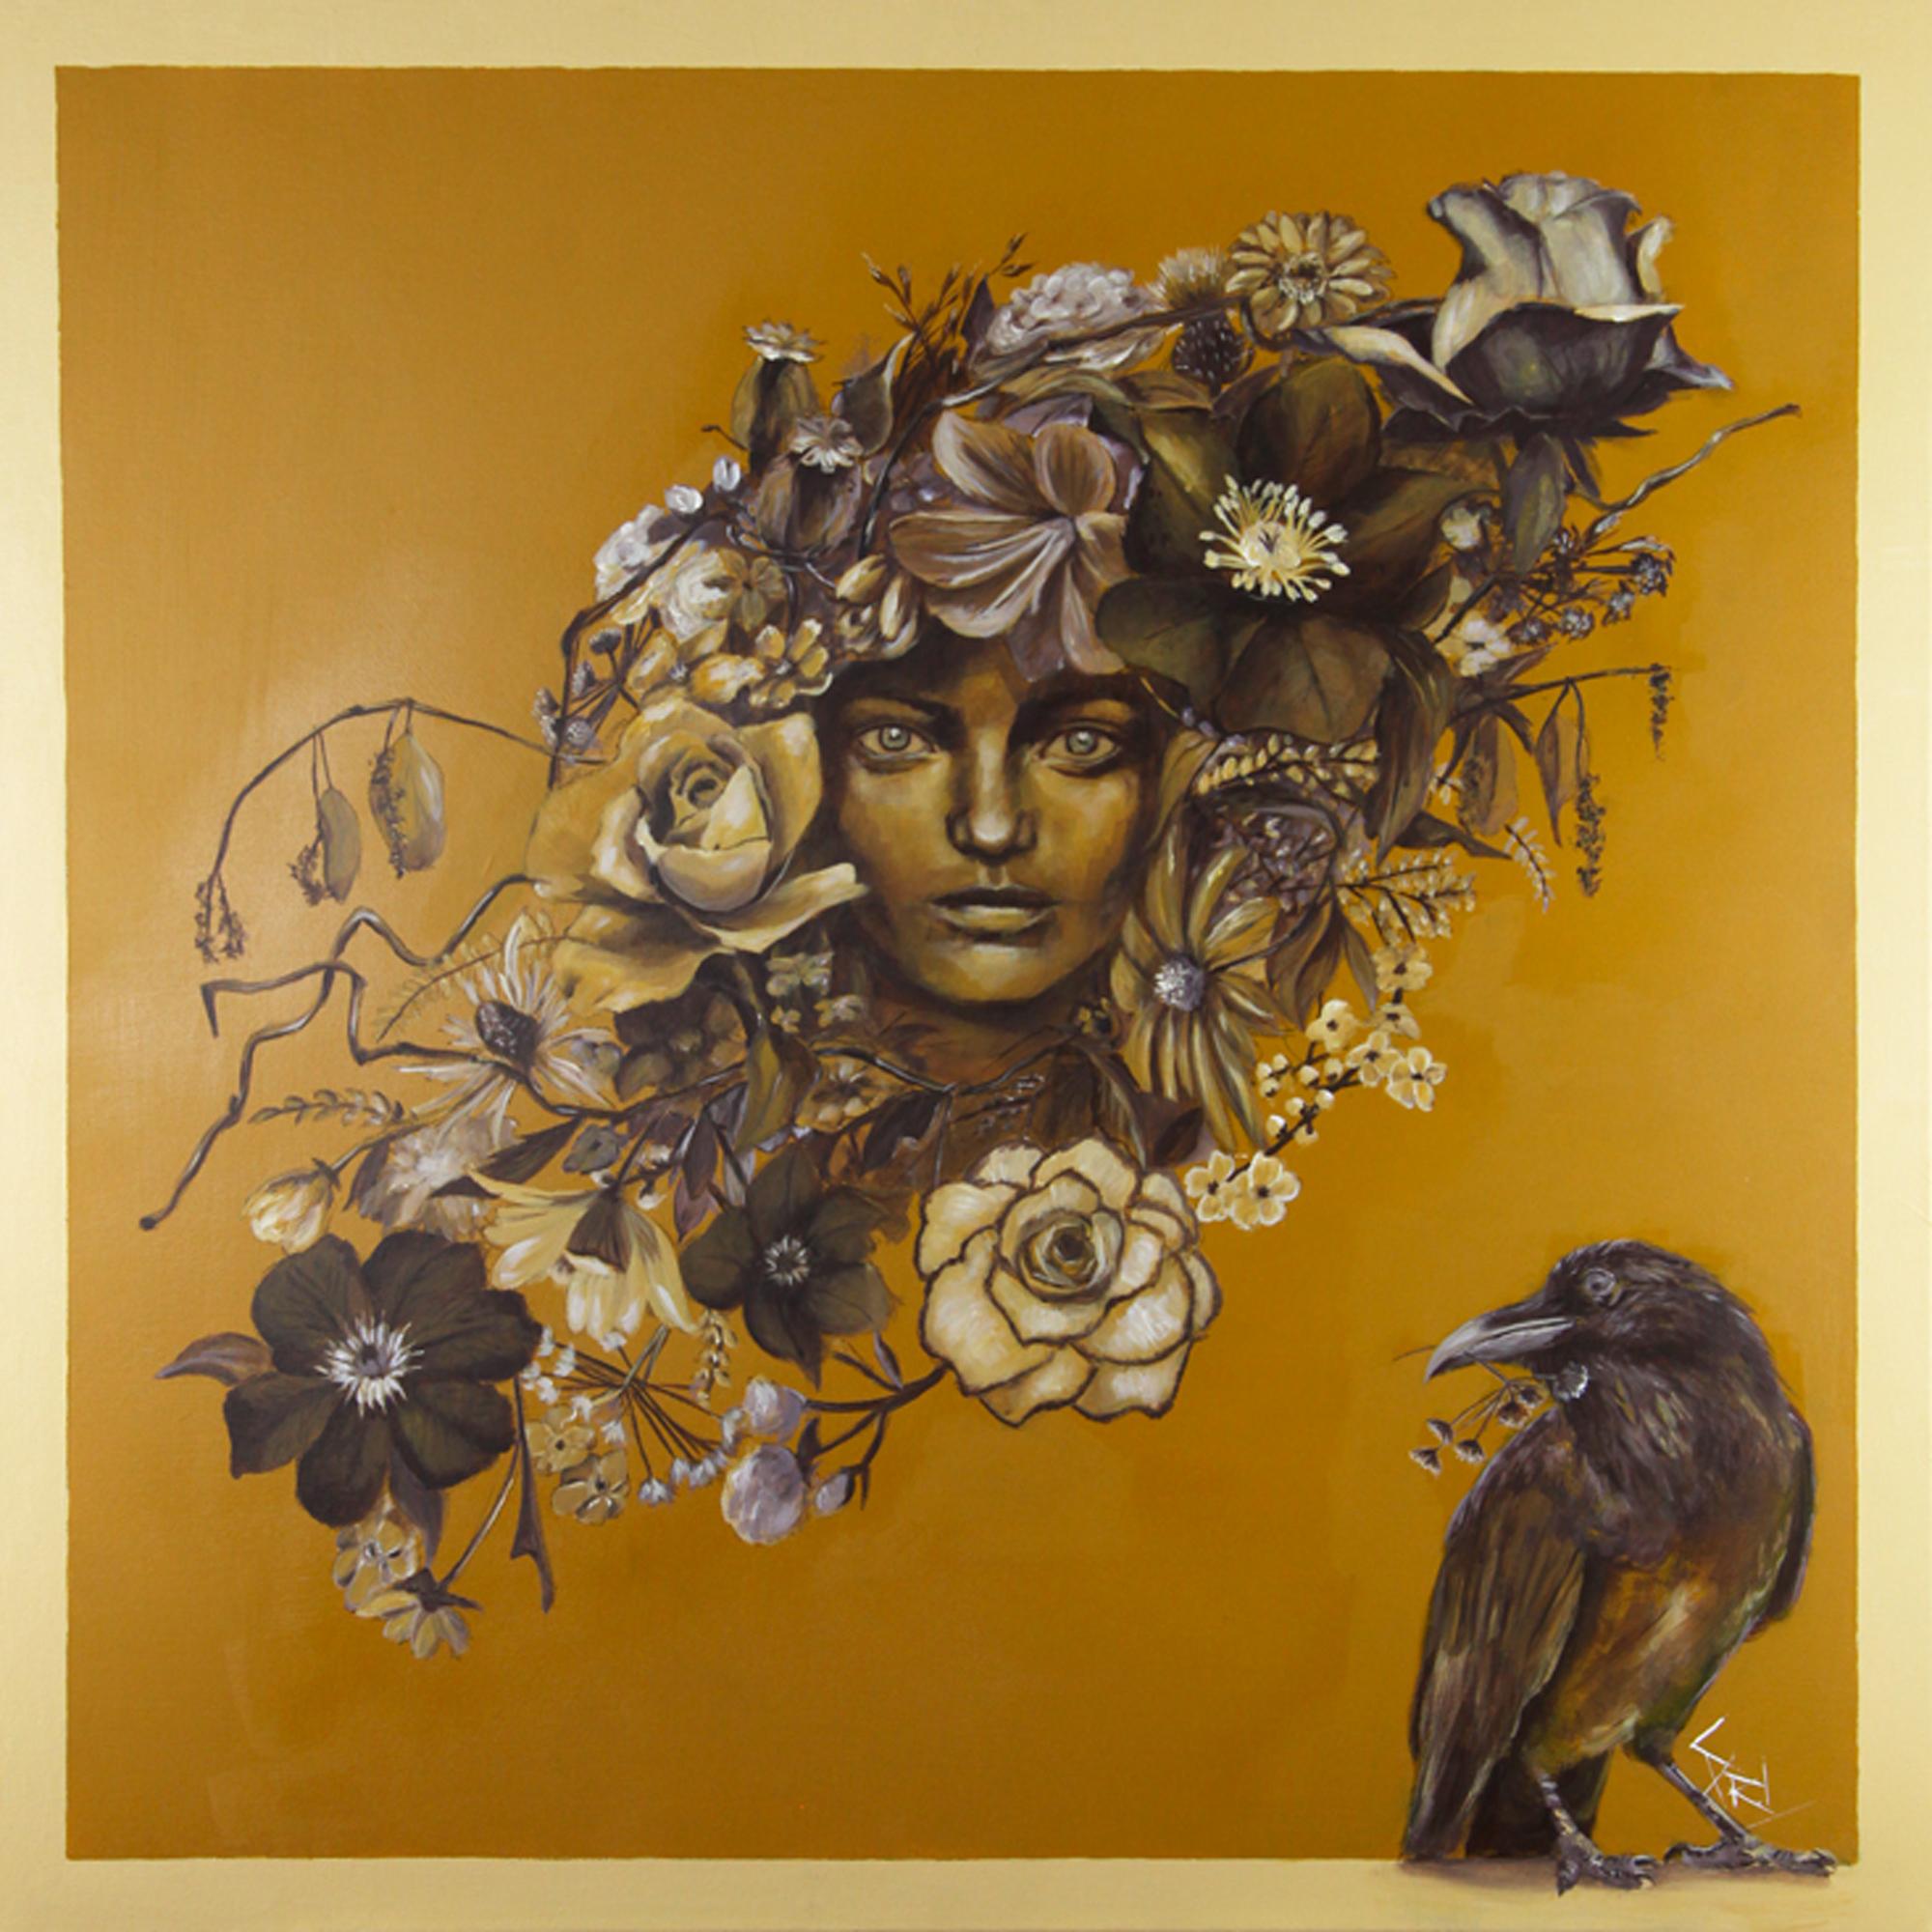 Peinture acrylique - toile créée par Priscilla Seiller - artiste peintre